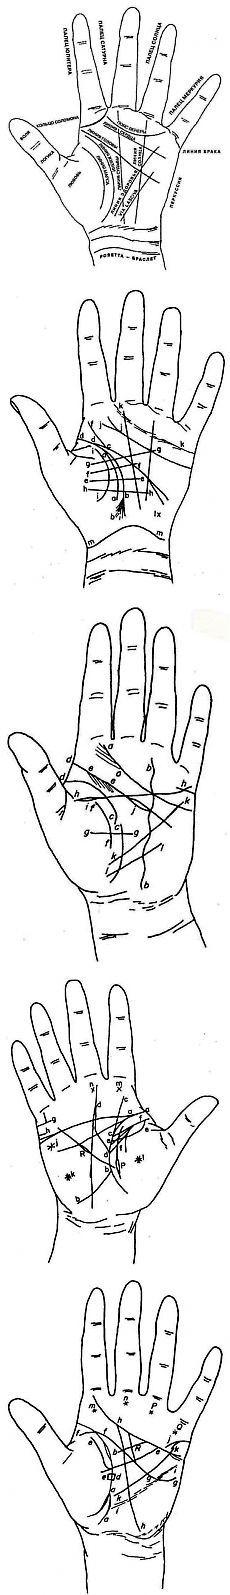 Магия руки и хиромантия - Линия жизни